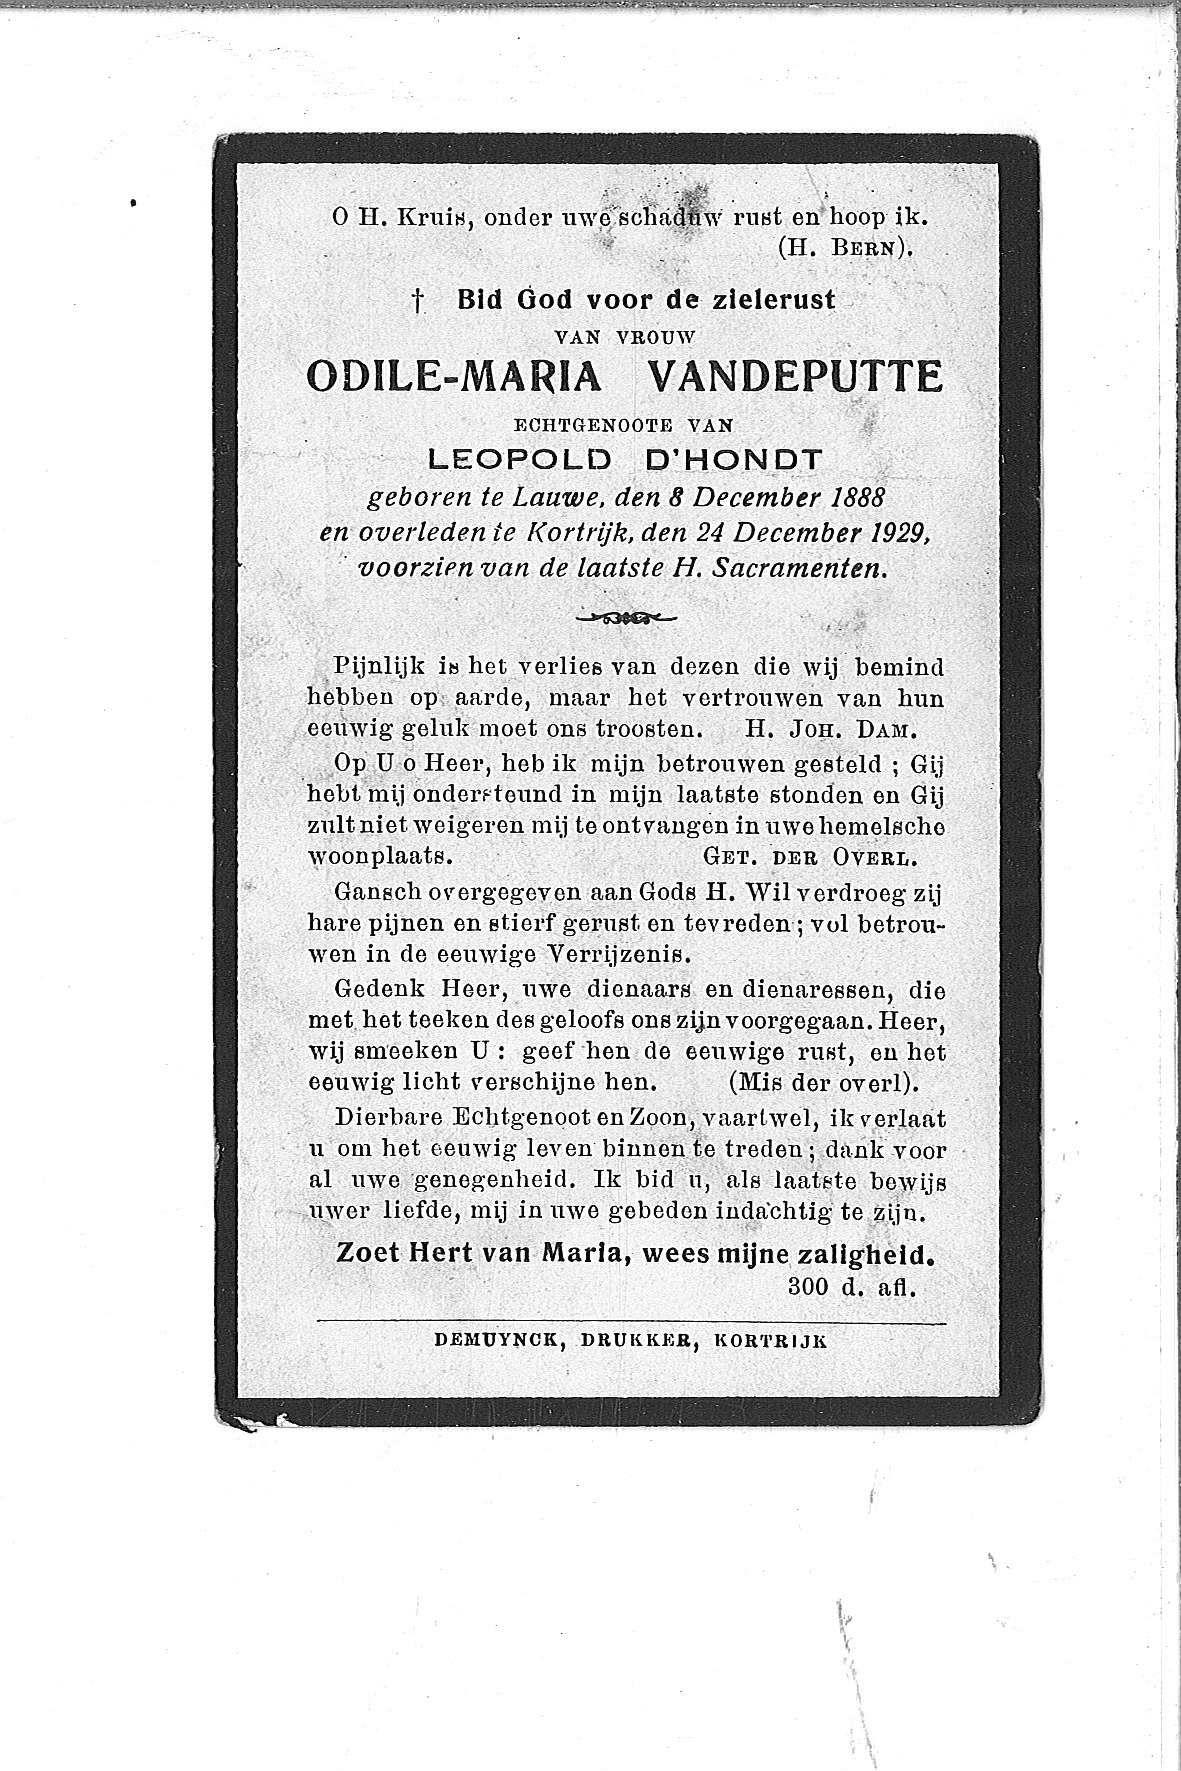 Odile-Maria(1929)20131023134903_00126.jpg